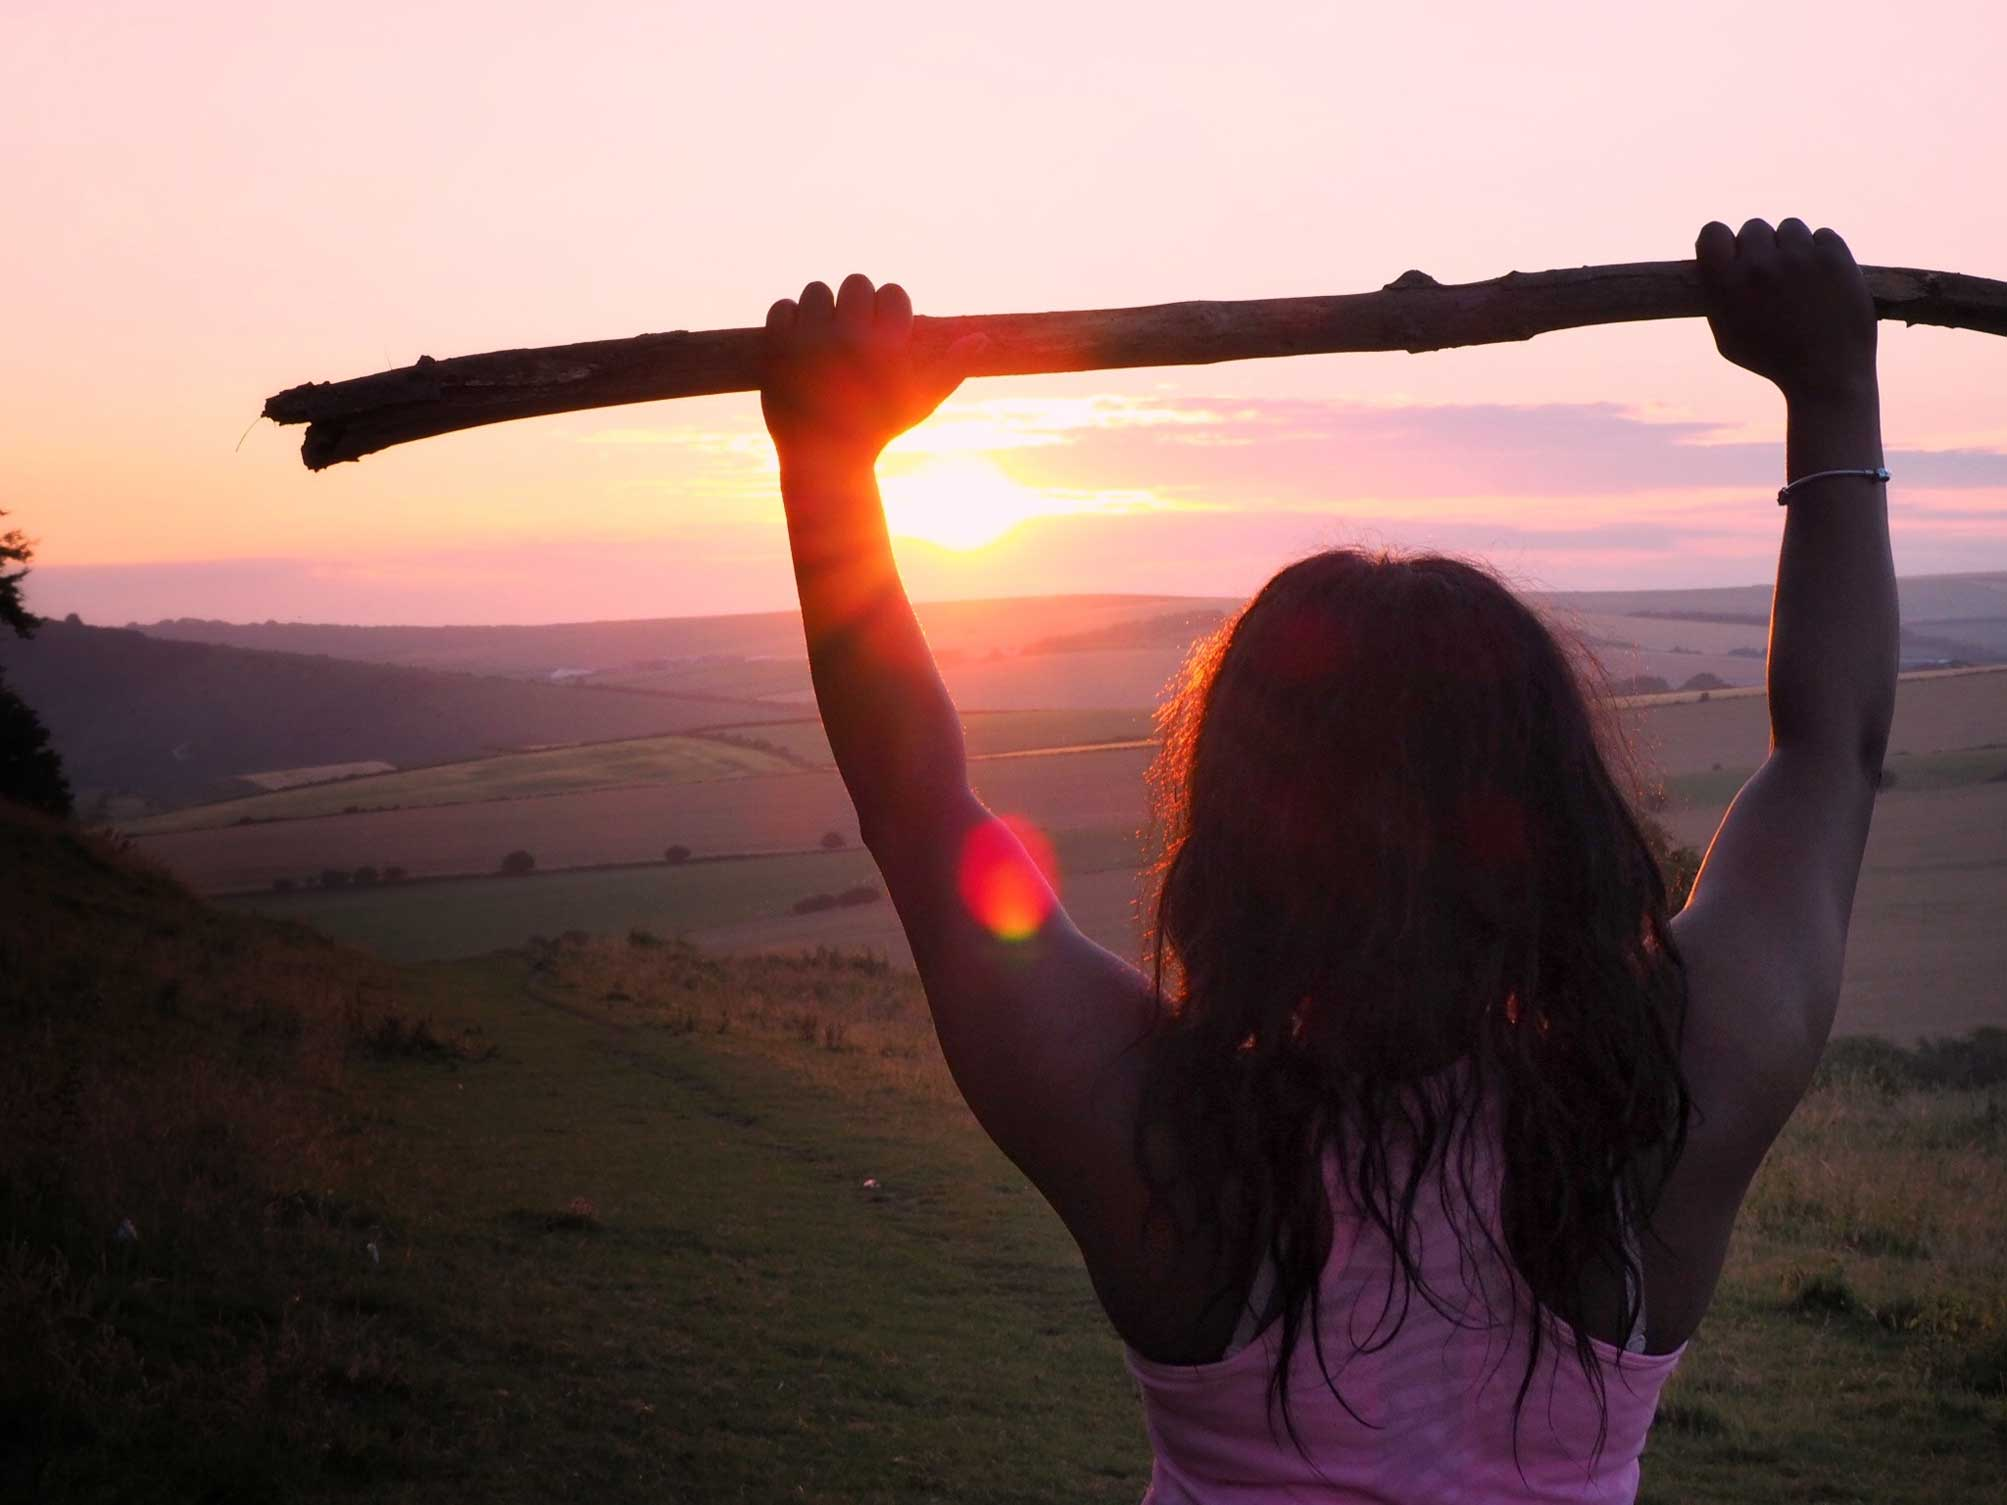 Non devi arrenderti e i motivi devi costruirteli da te